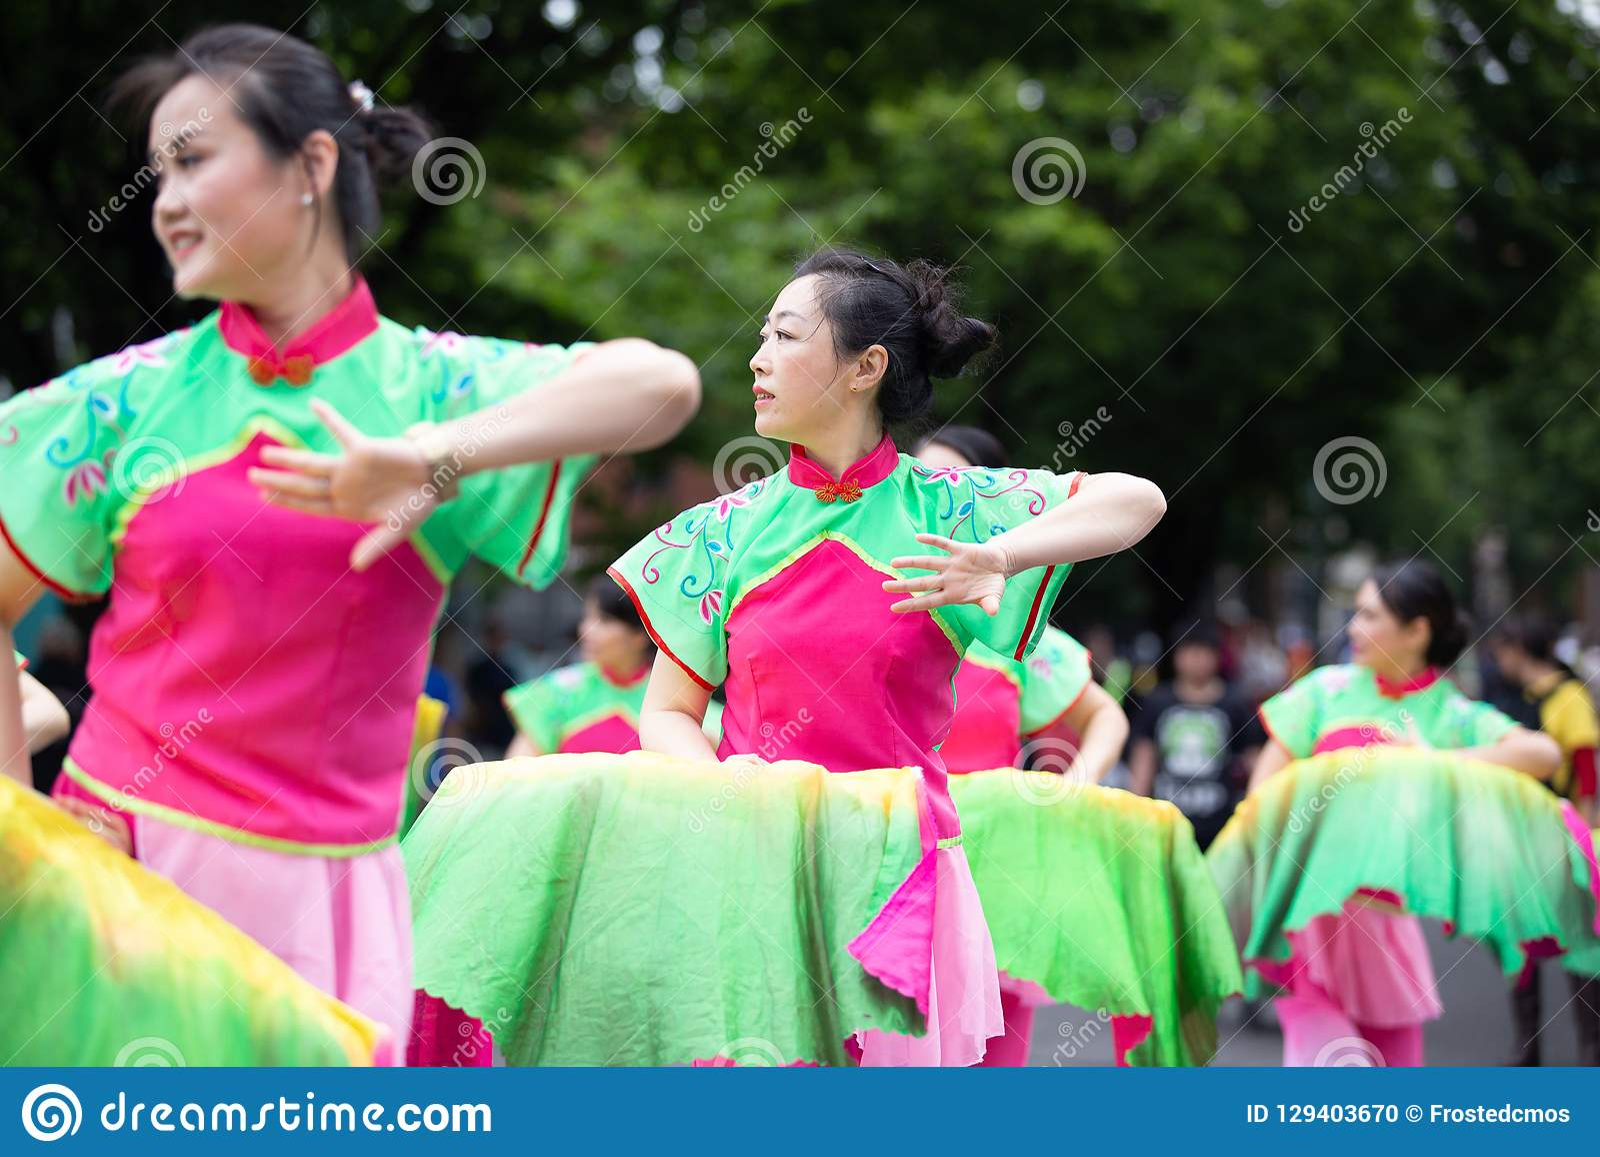 Dames asiatiques dans la danse traditionnelle de costume sur la rue